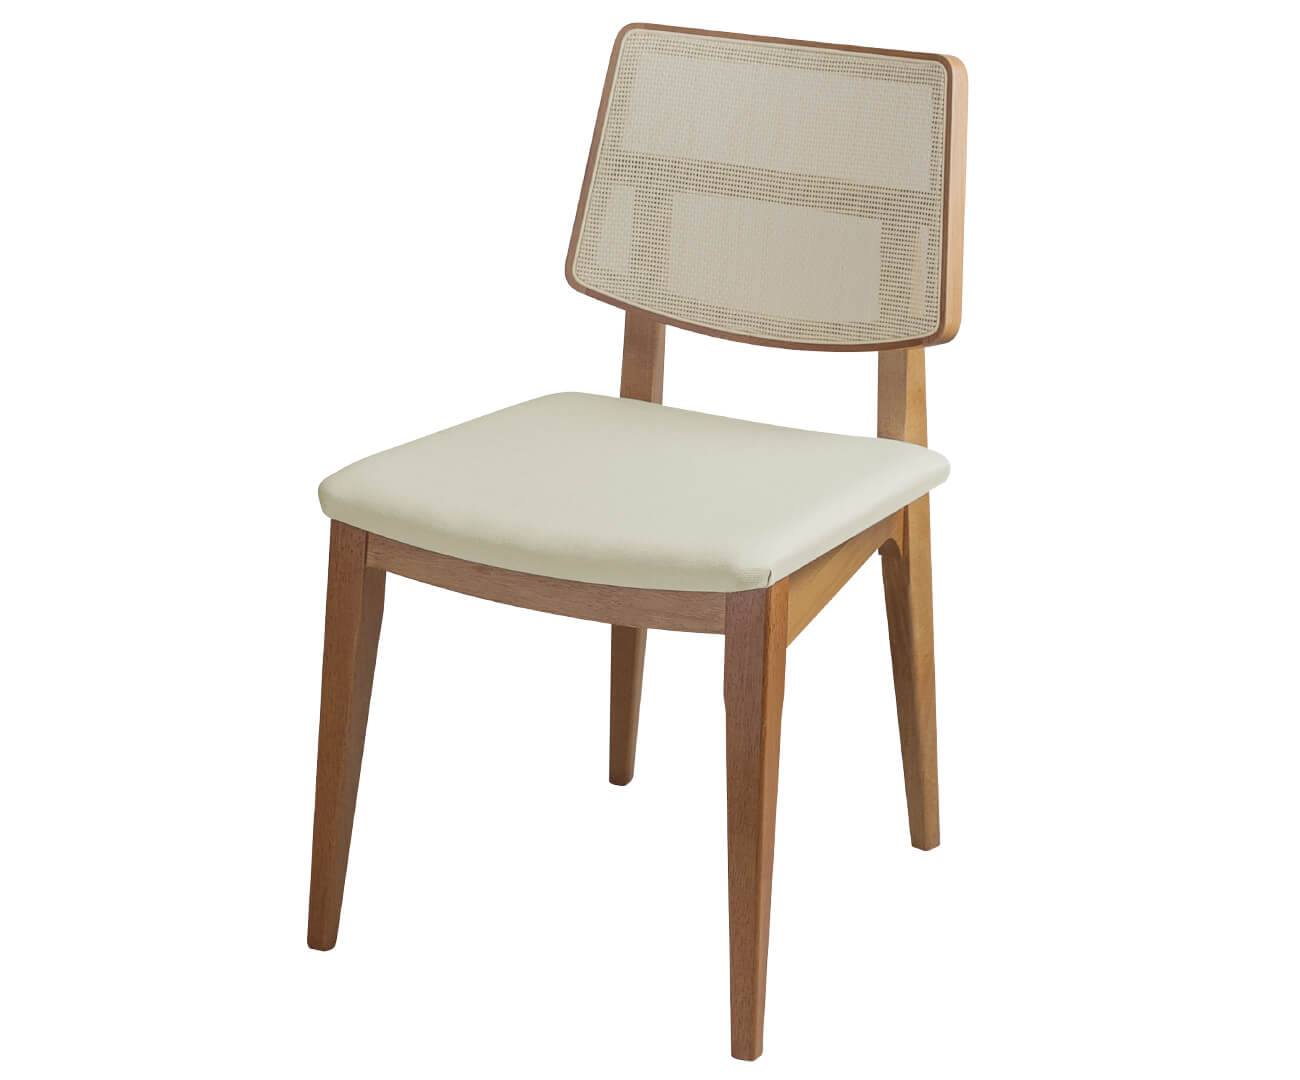 cadeira com palha cadiz 1242